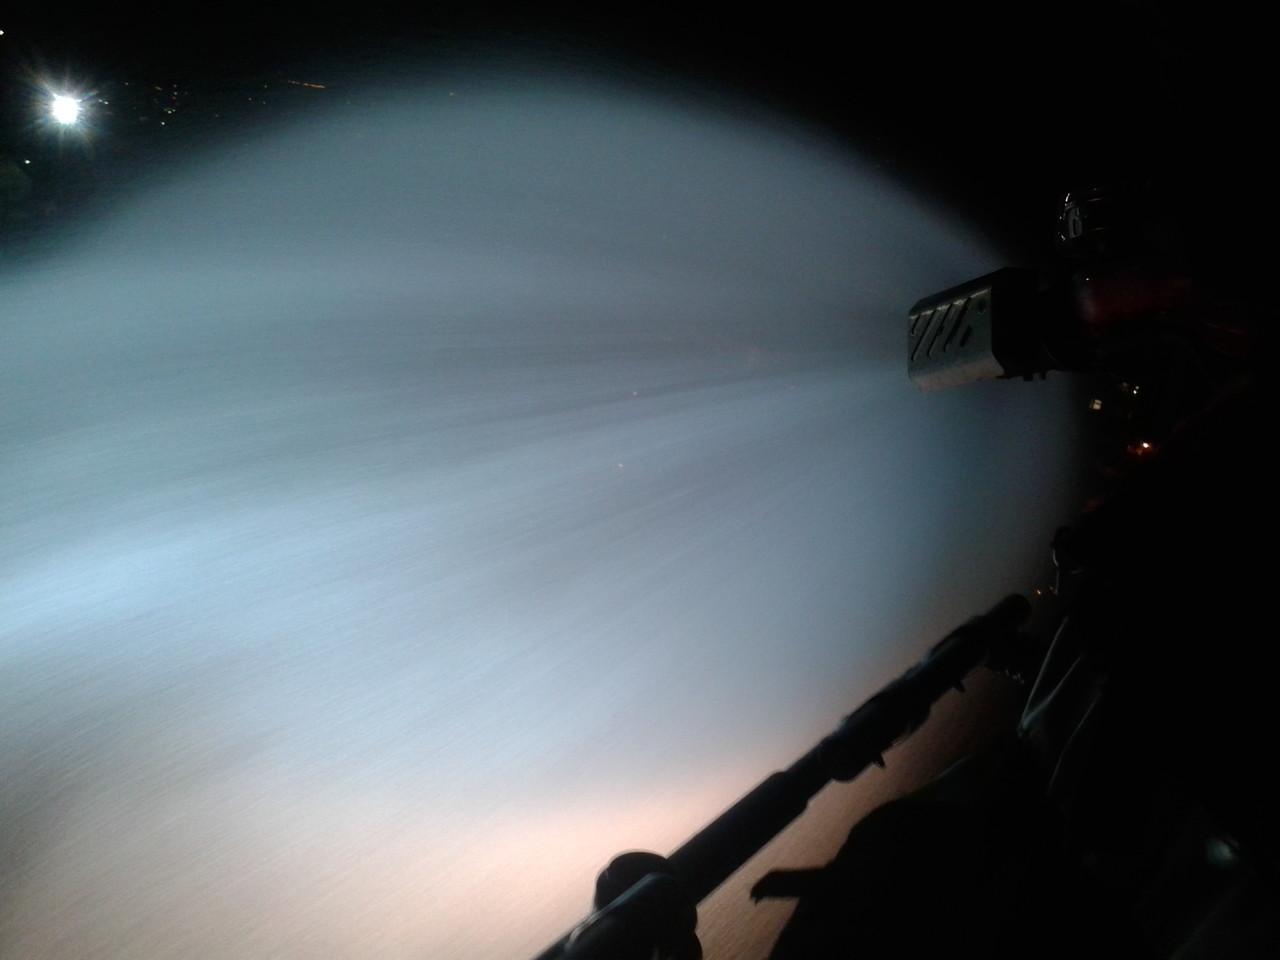 Der Wasserwerfer bei Nacht